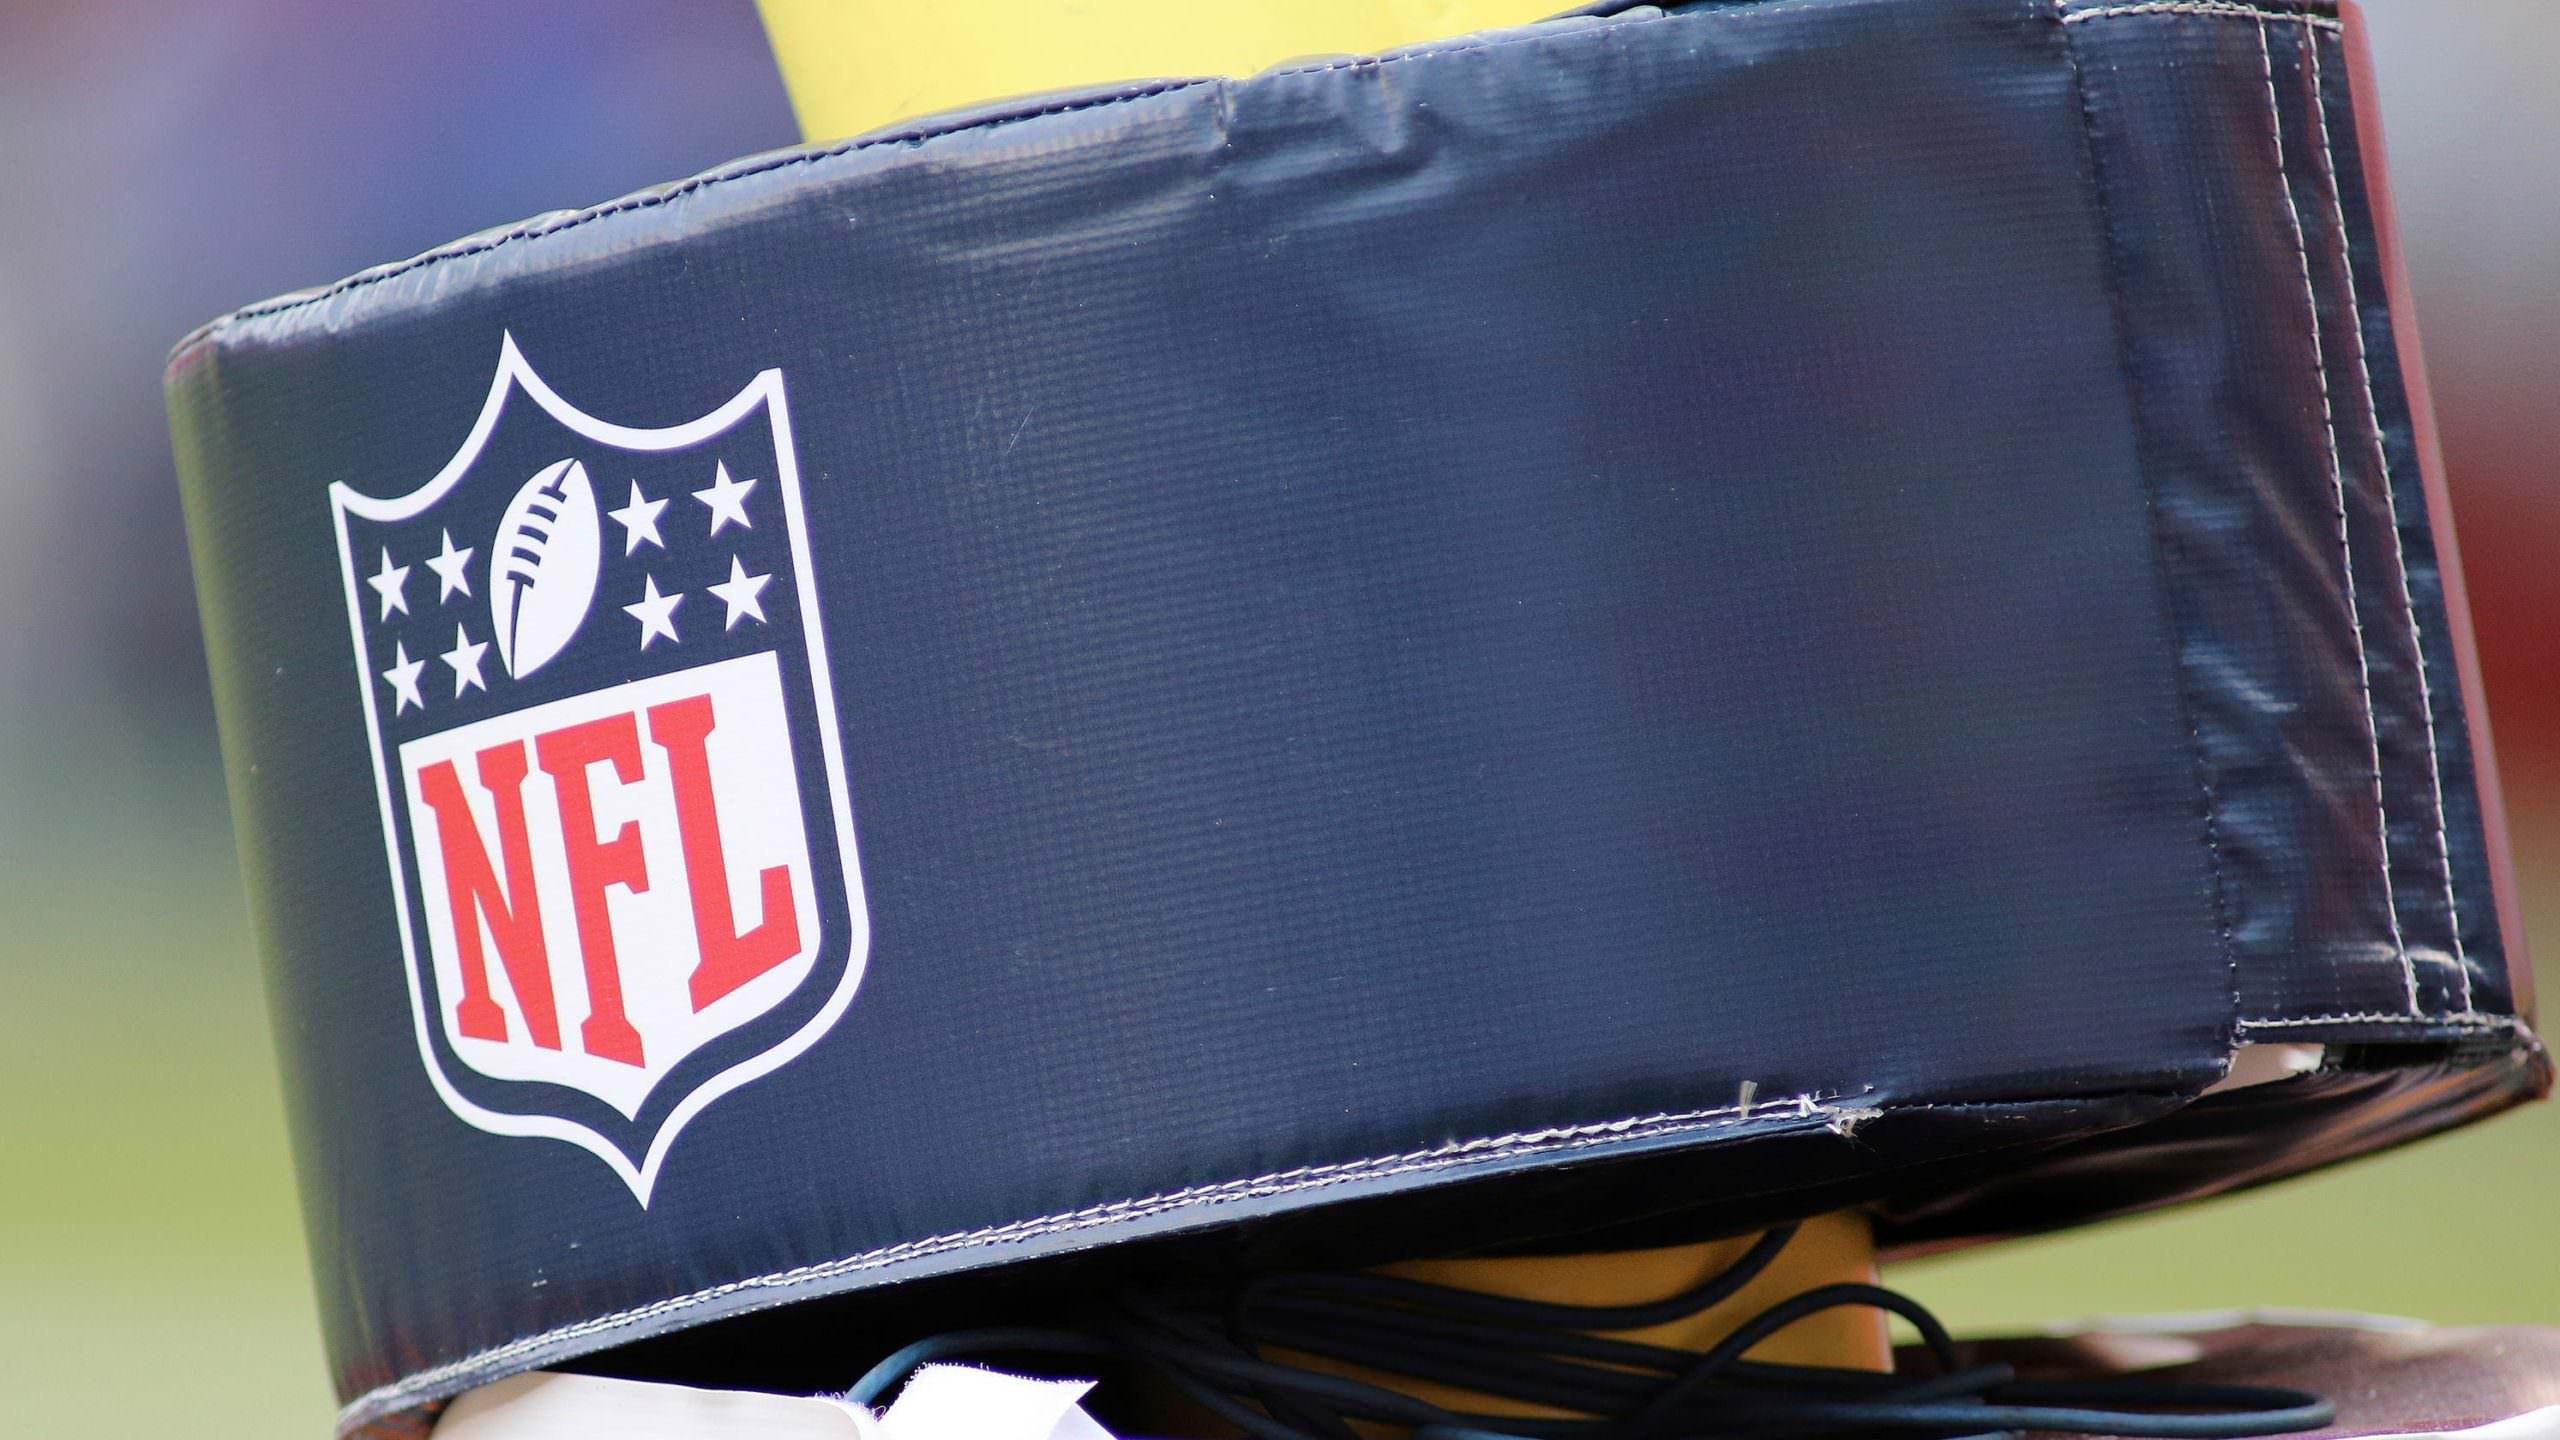 Diretor médico da NFL: ambiente de bolha de playoff não é o 'curso de ação mais seguro' para evitar COVID-19